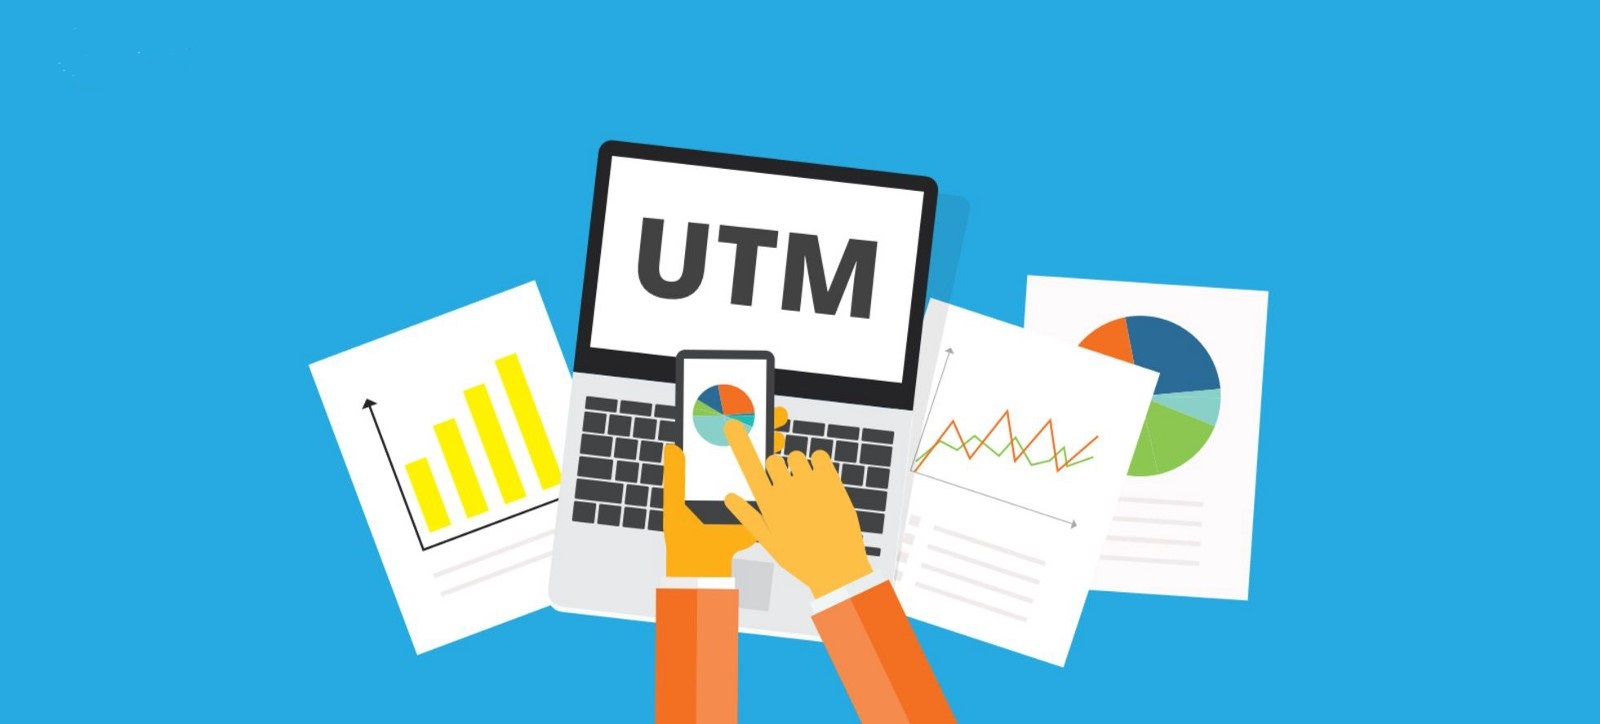 راهنمای  استفاده از UTM